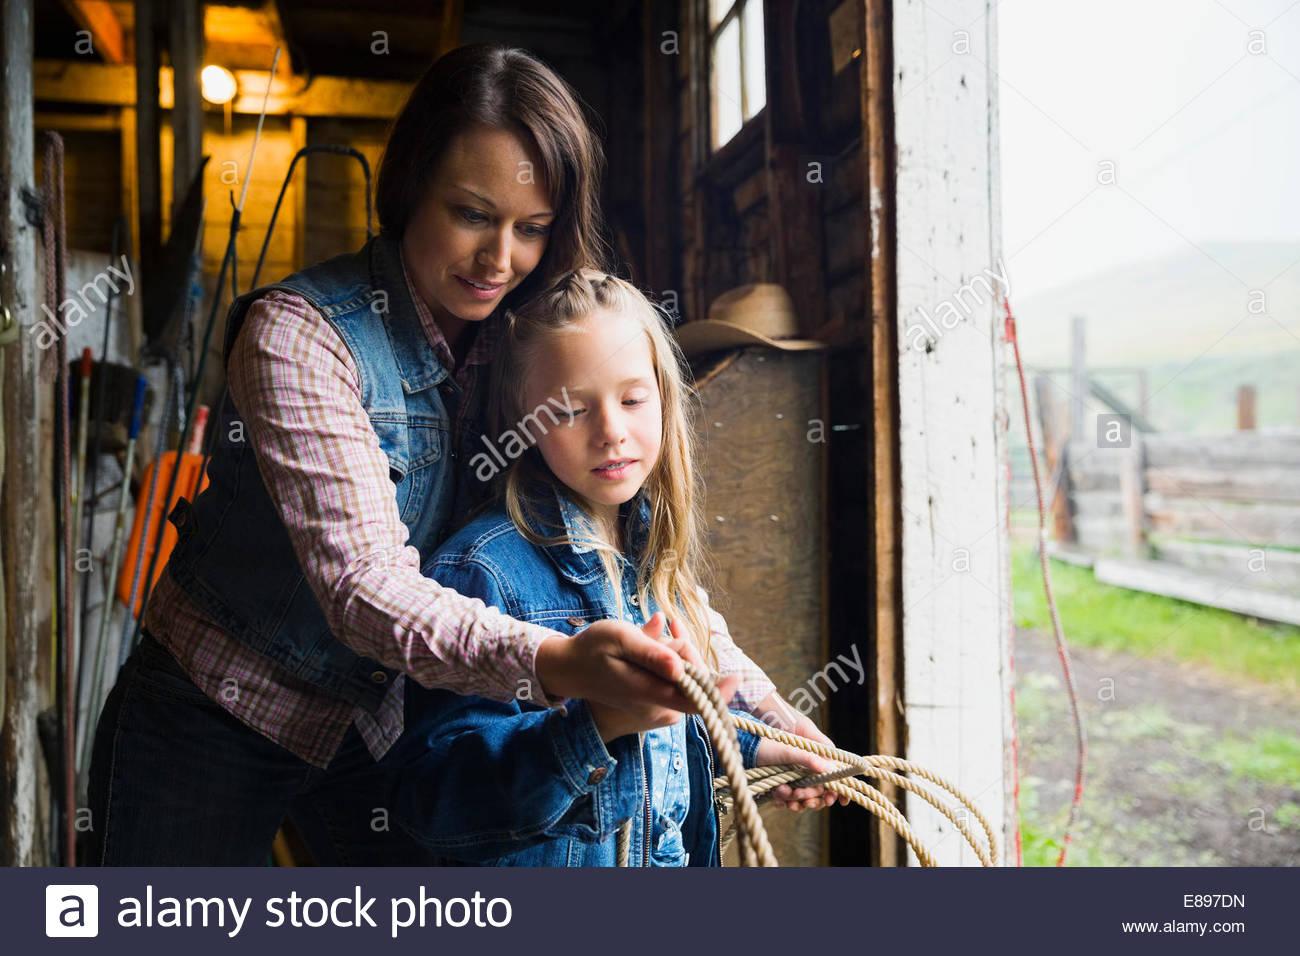 Mother teaching daughter to lasso in barn doorway - Stock Image